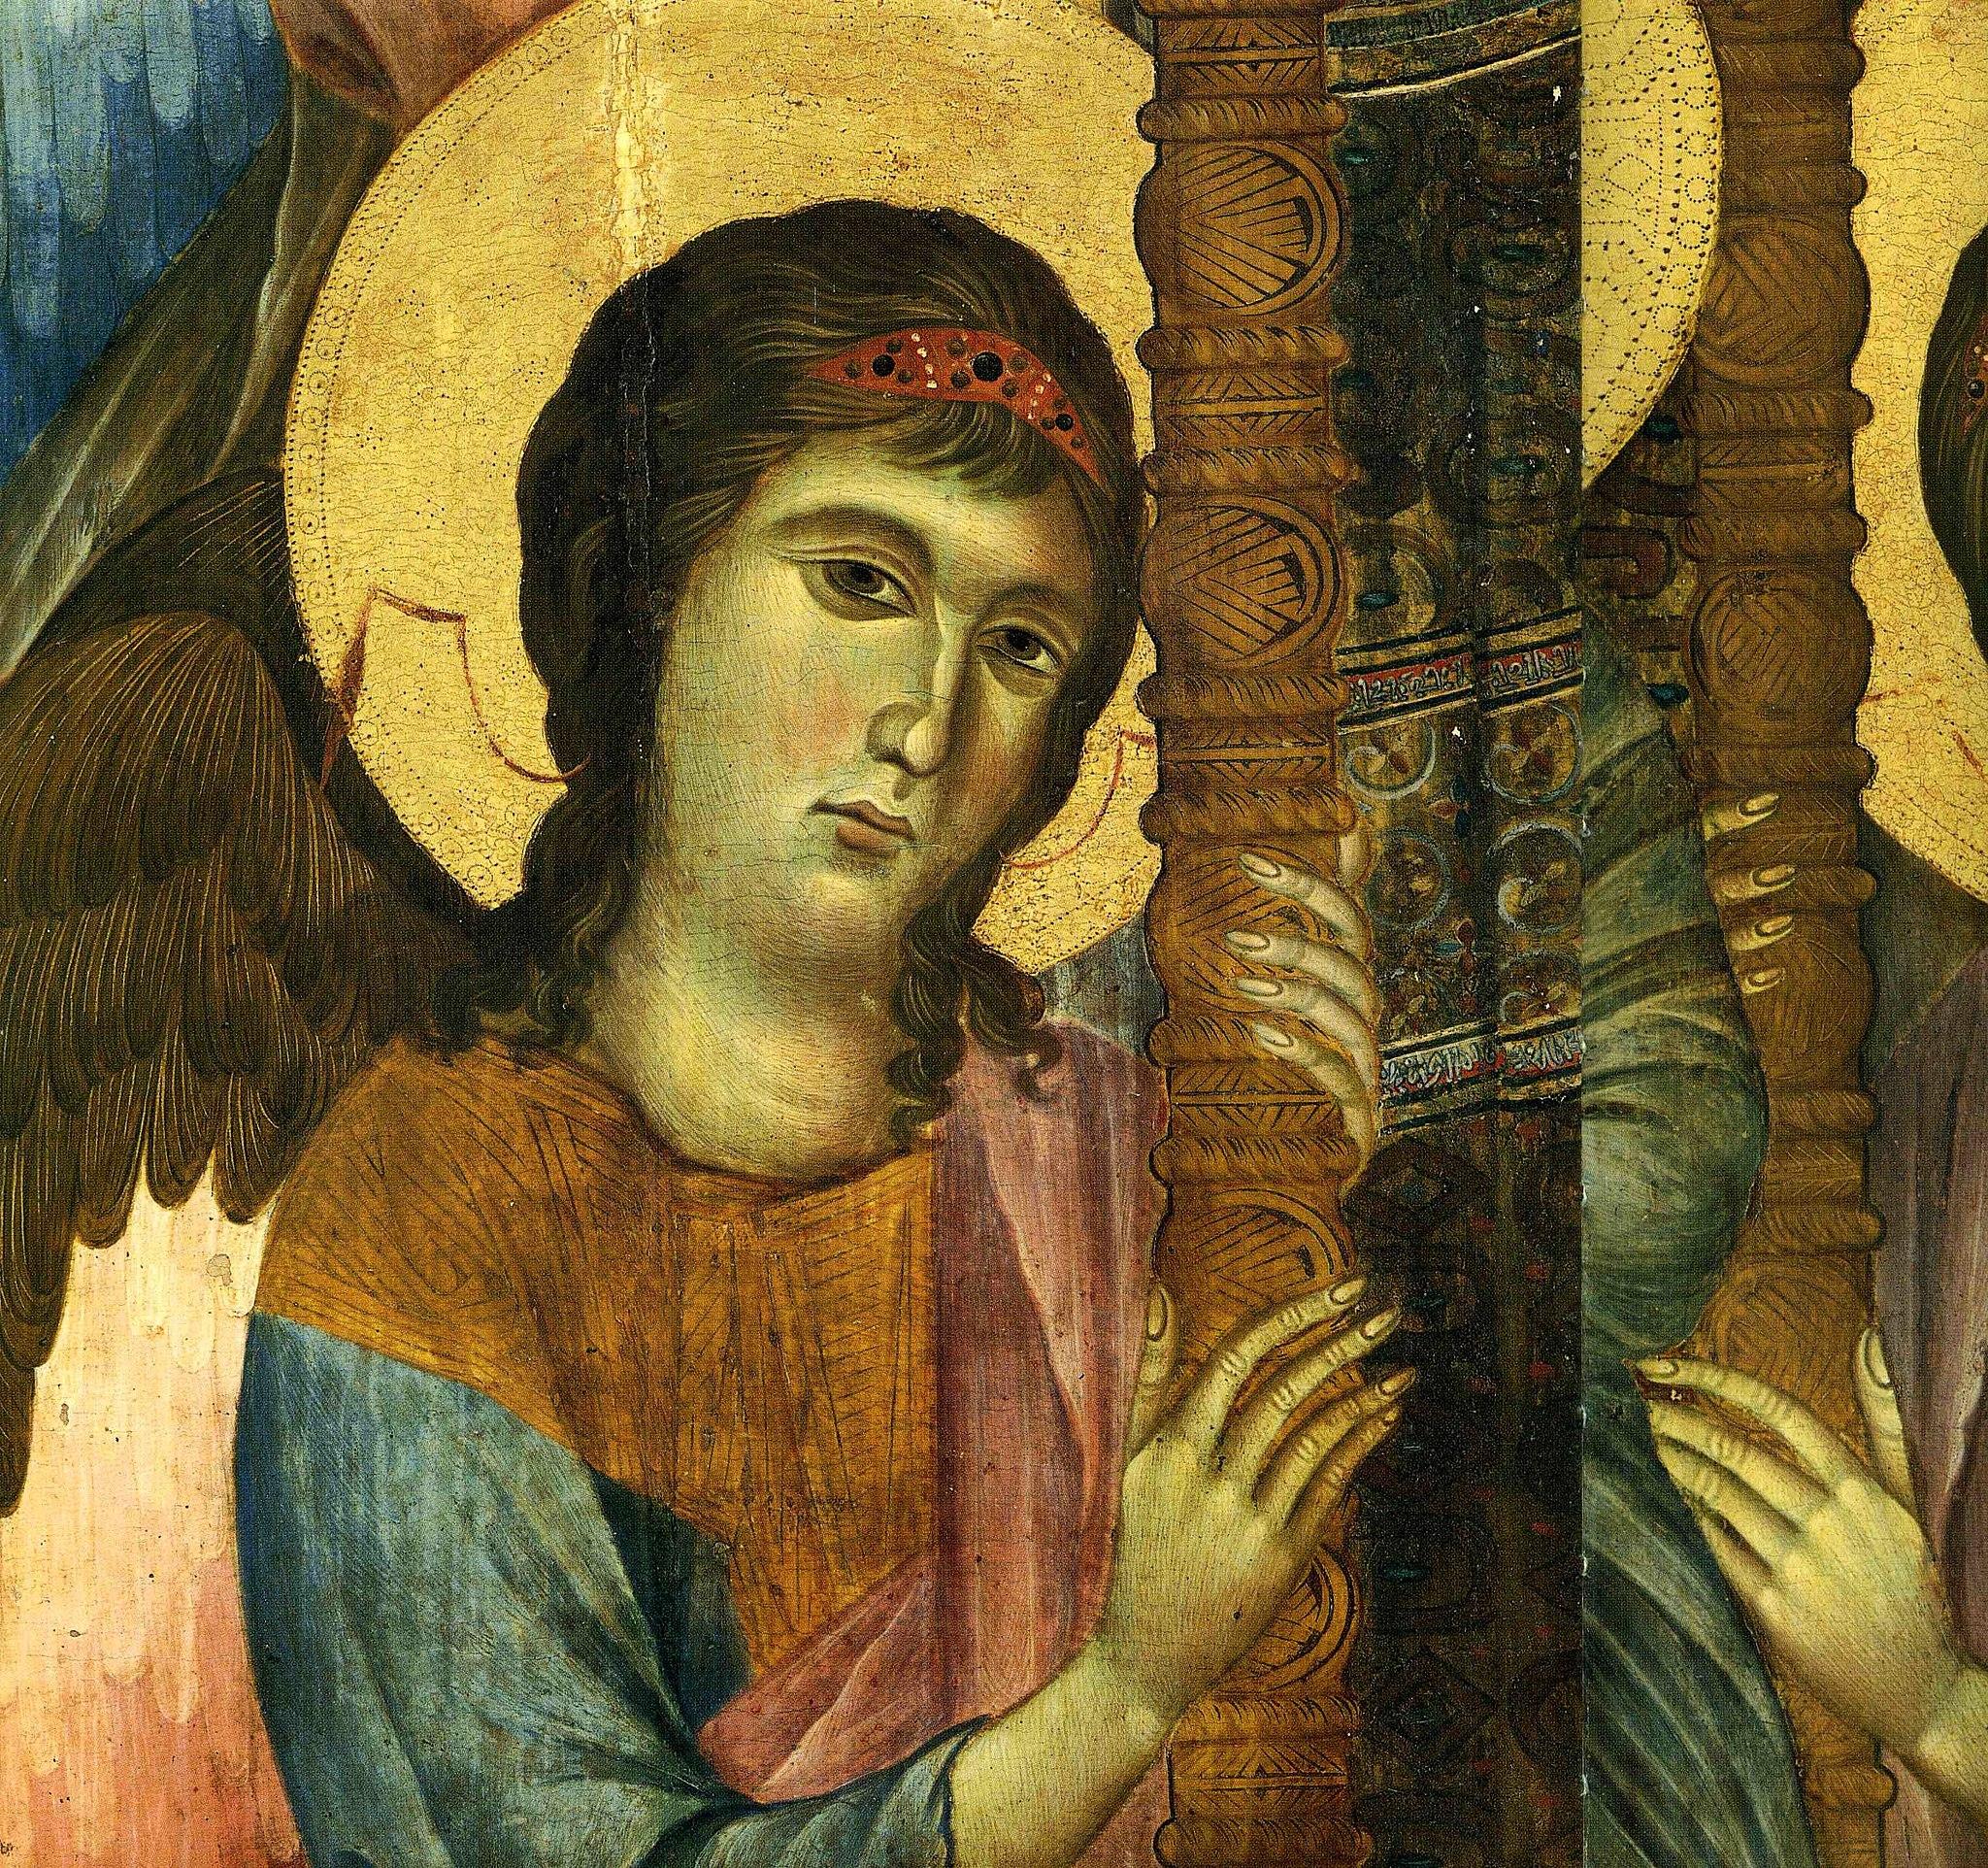 Cimabue, Maestà del Louvre dettaglio dell'Angelo e del trono, 1280 circa, tempera su tavola, 424 × 276 cm, Louvre, Parigi